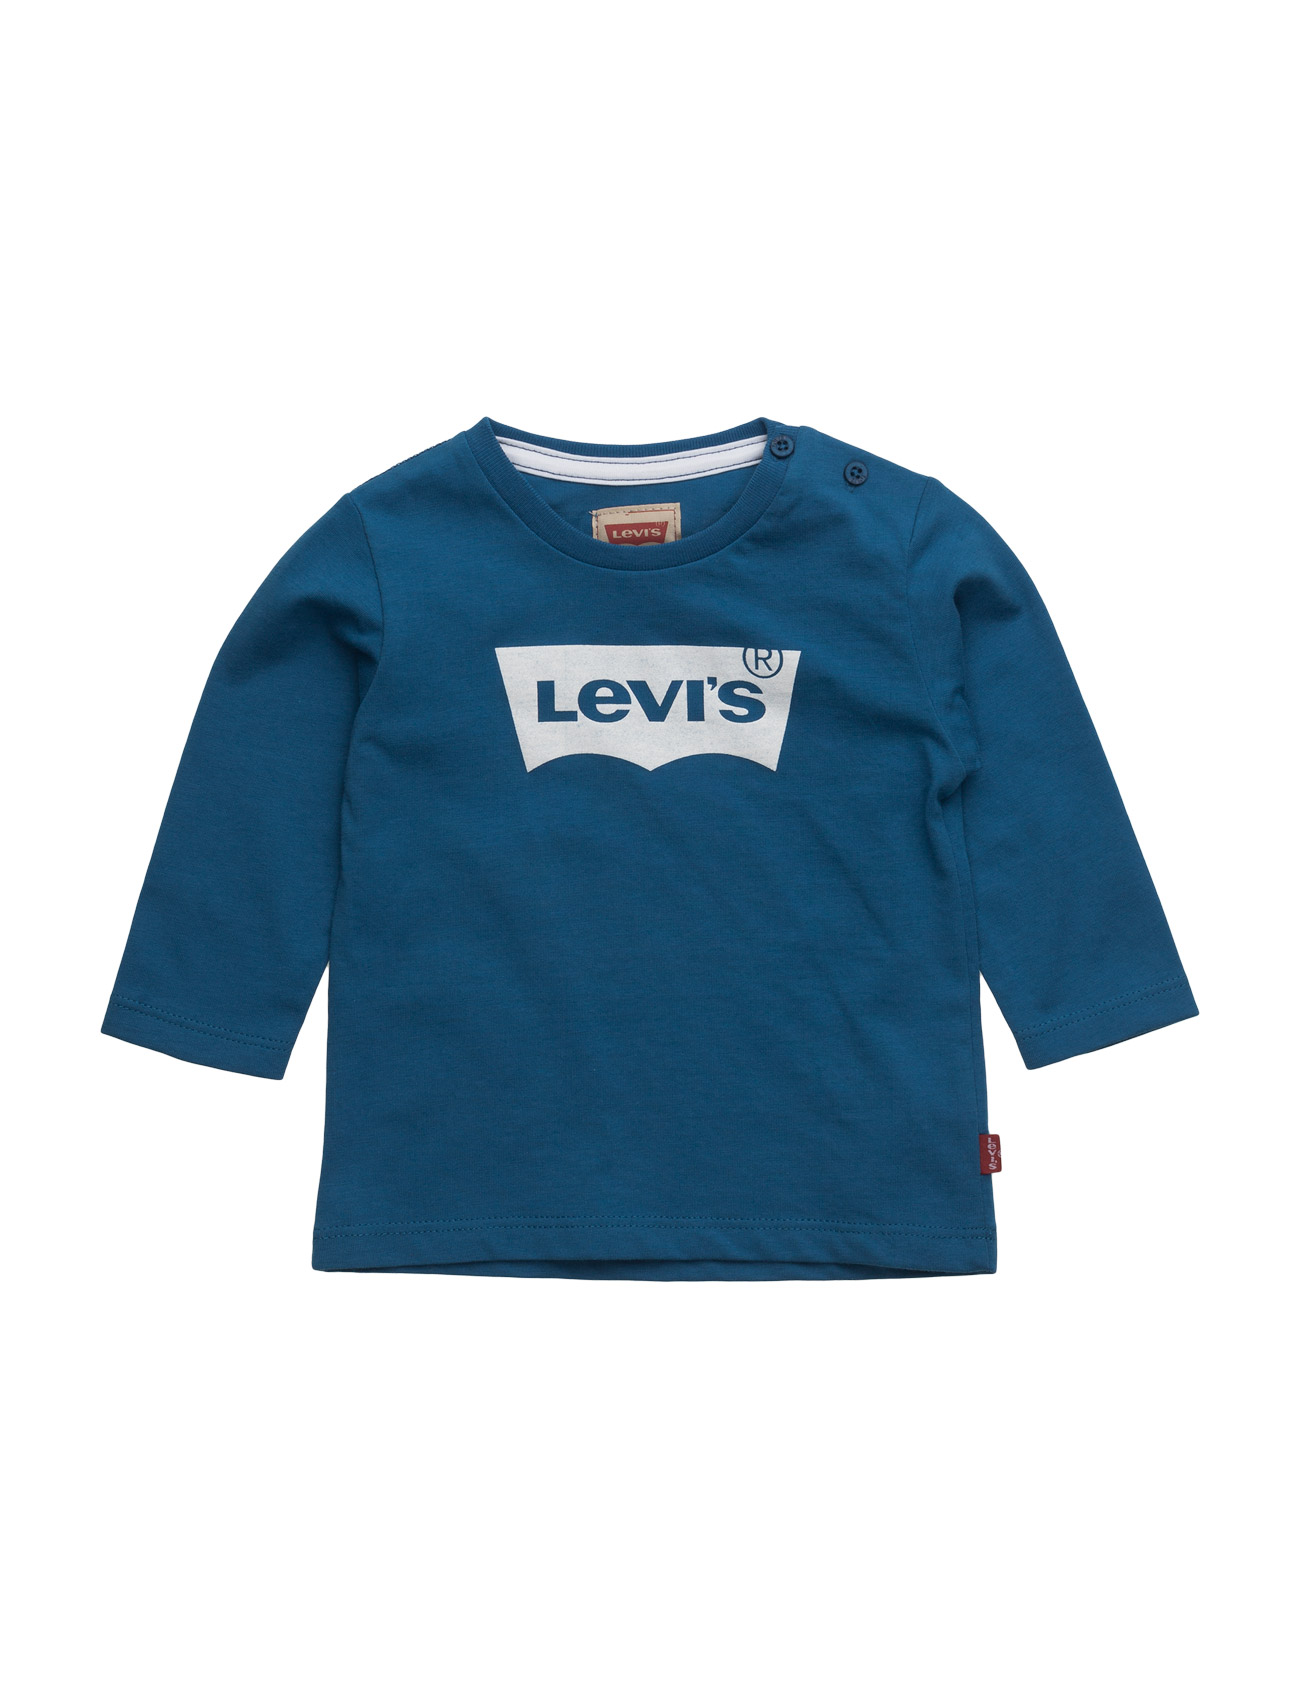 Ls-Tee Nos Levi's Kids Langærmede t-shirts til Børn i